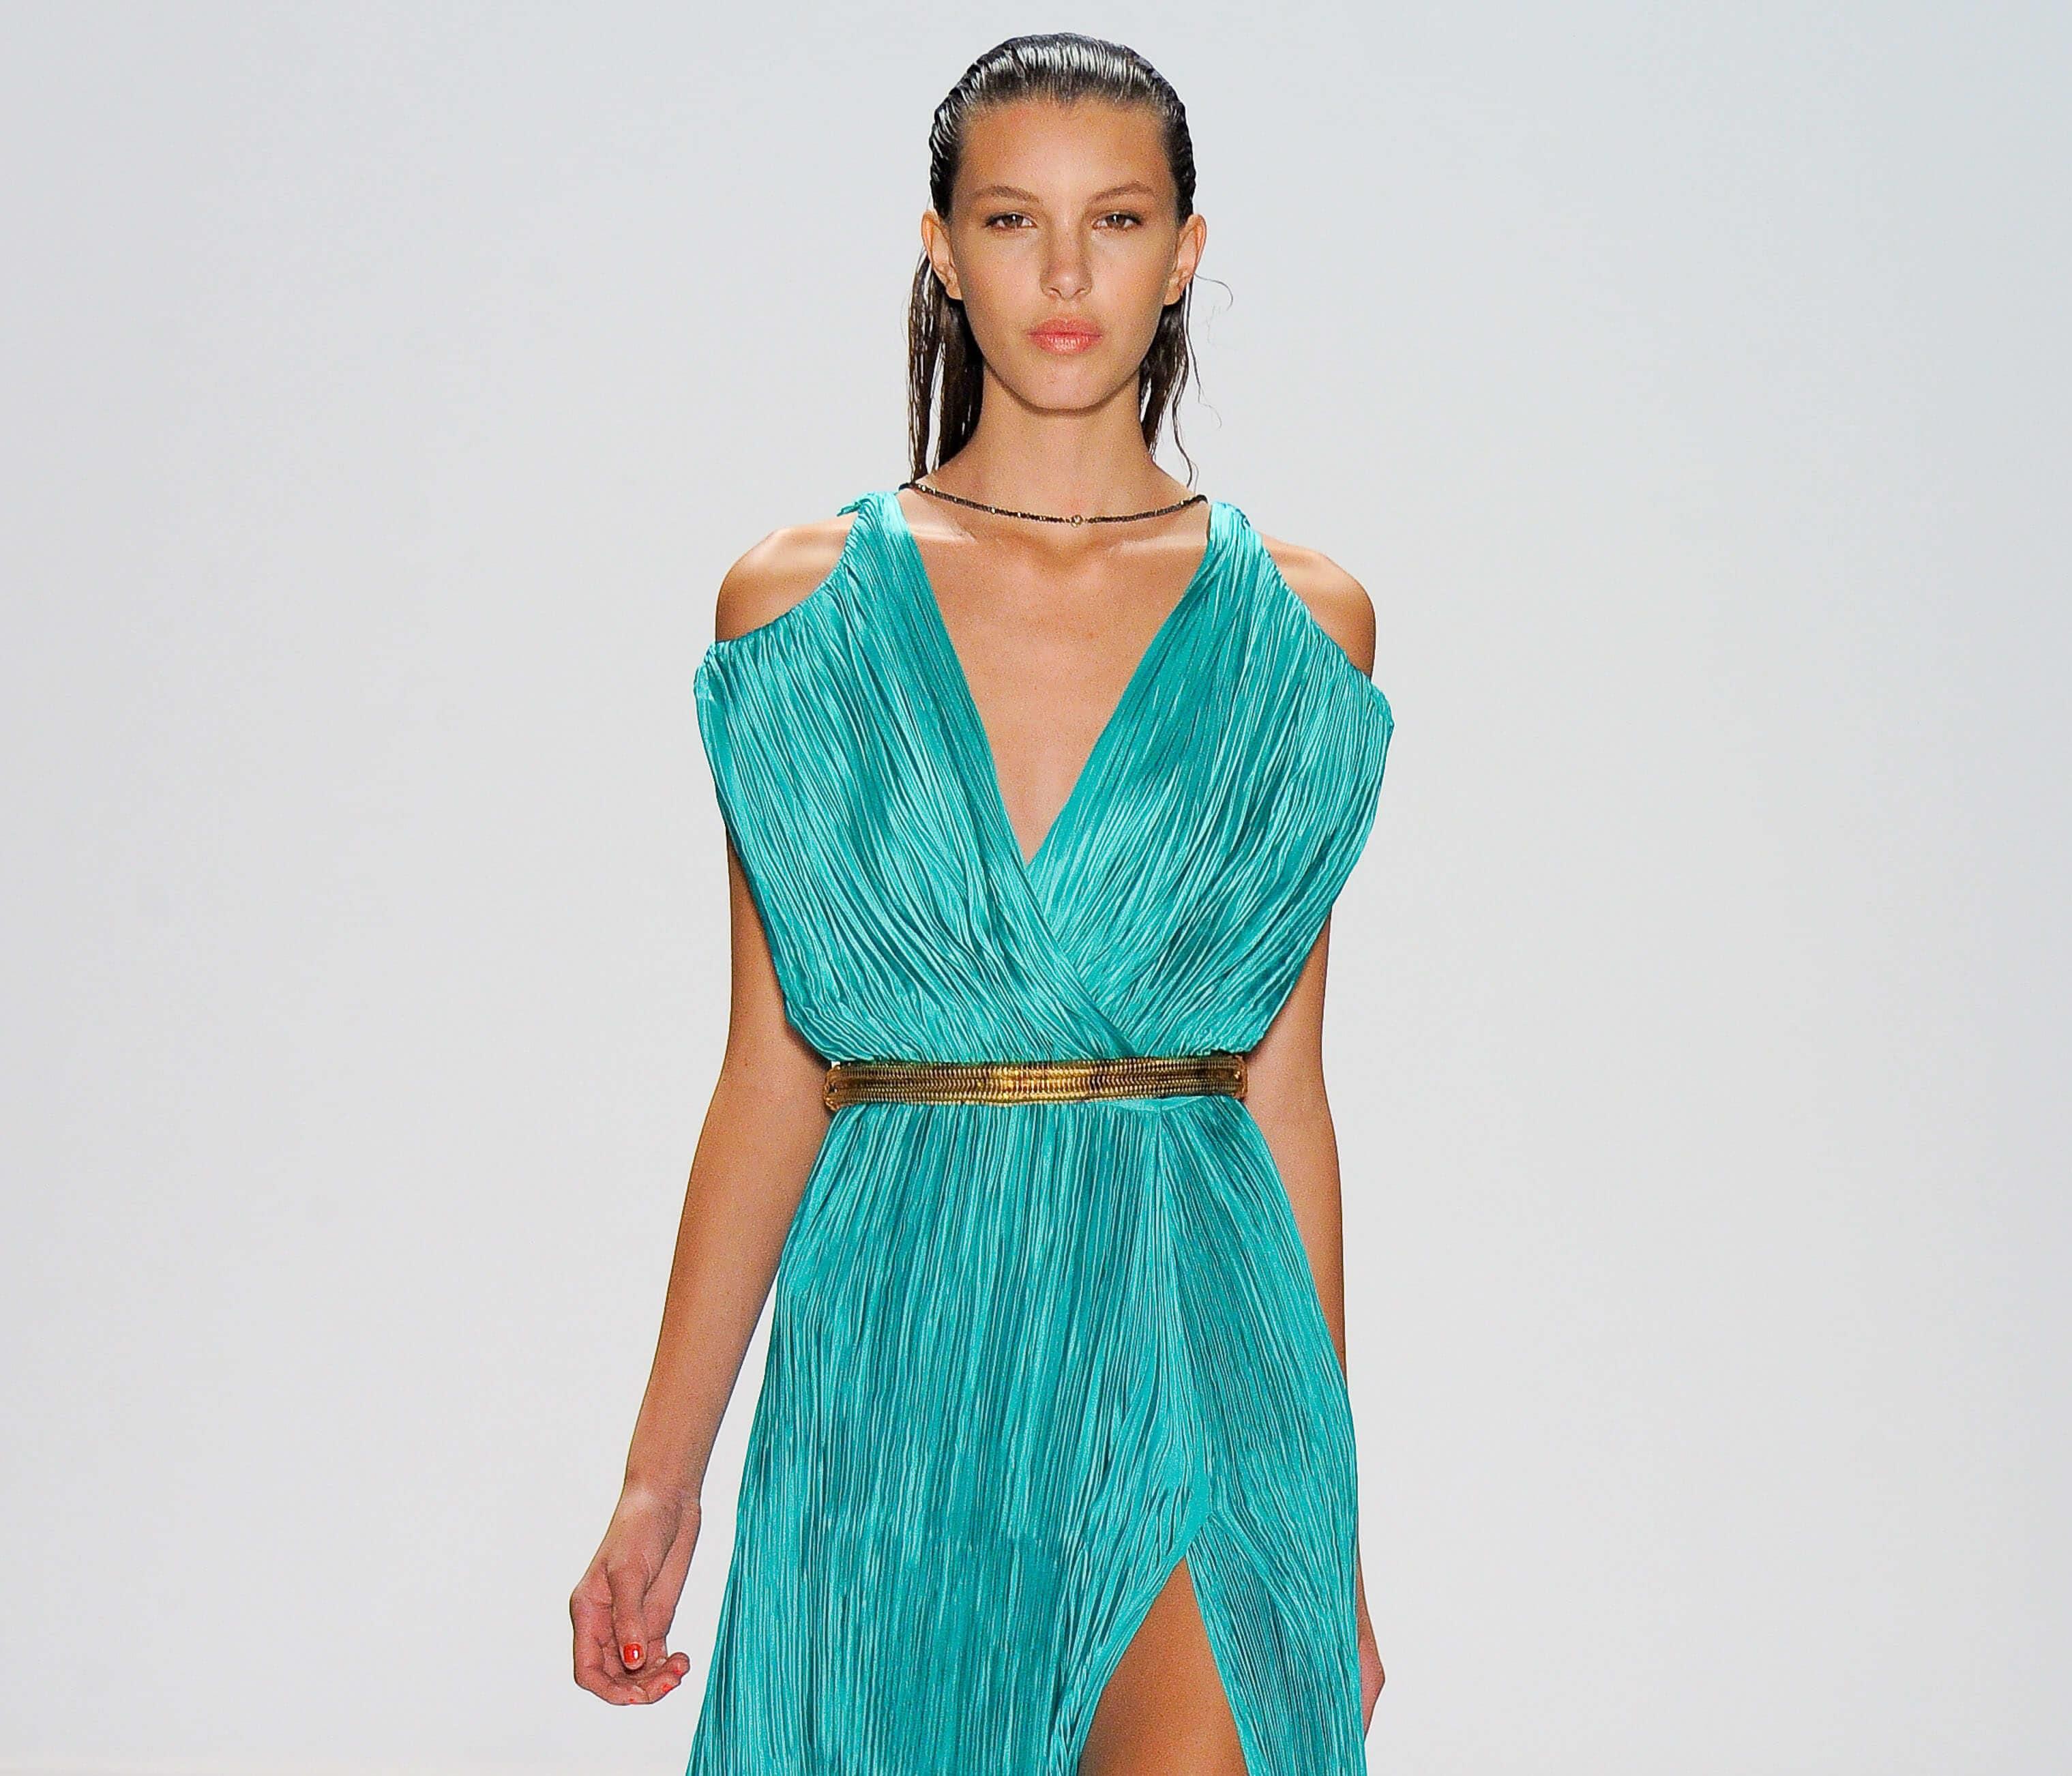 media cola húmeda modelo con vestido azul